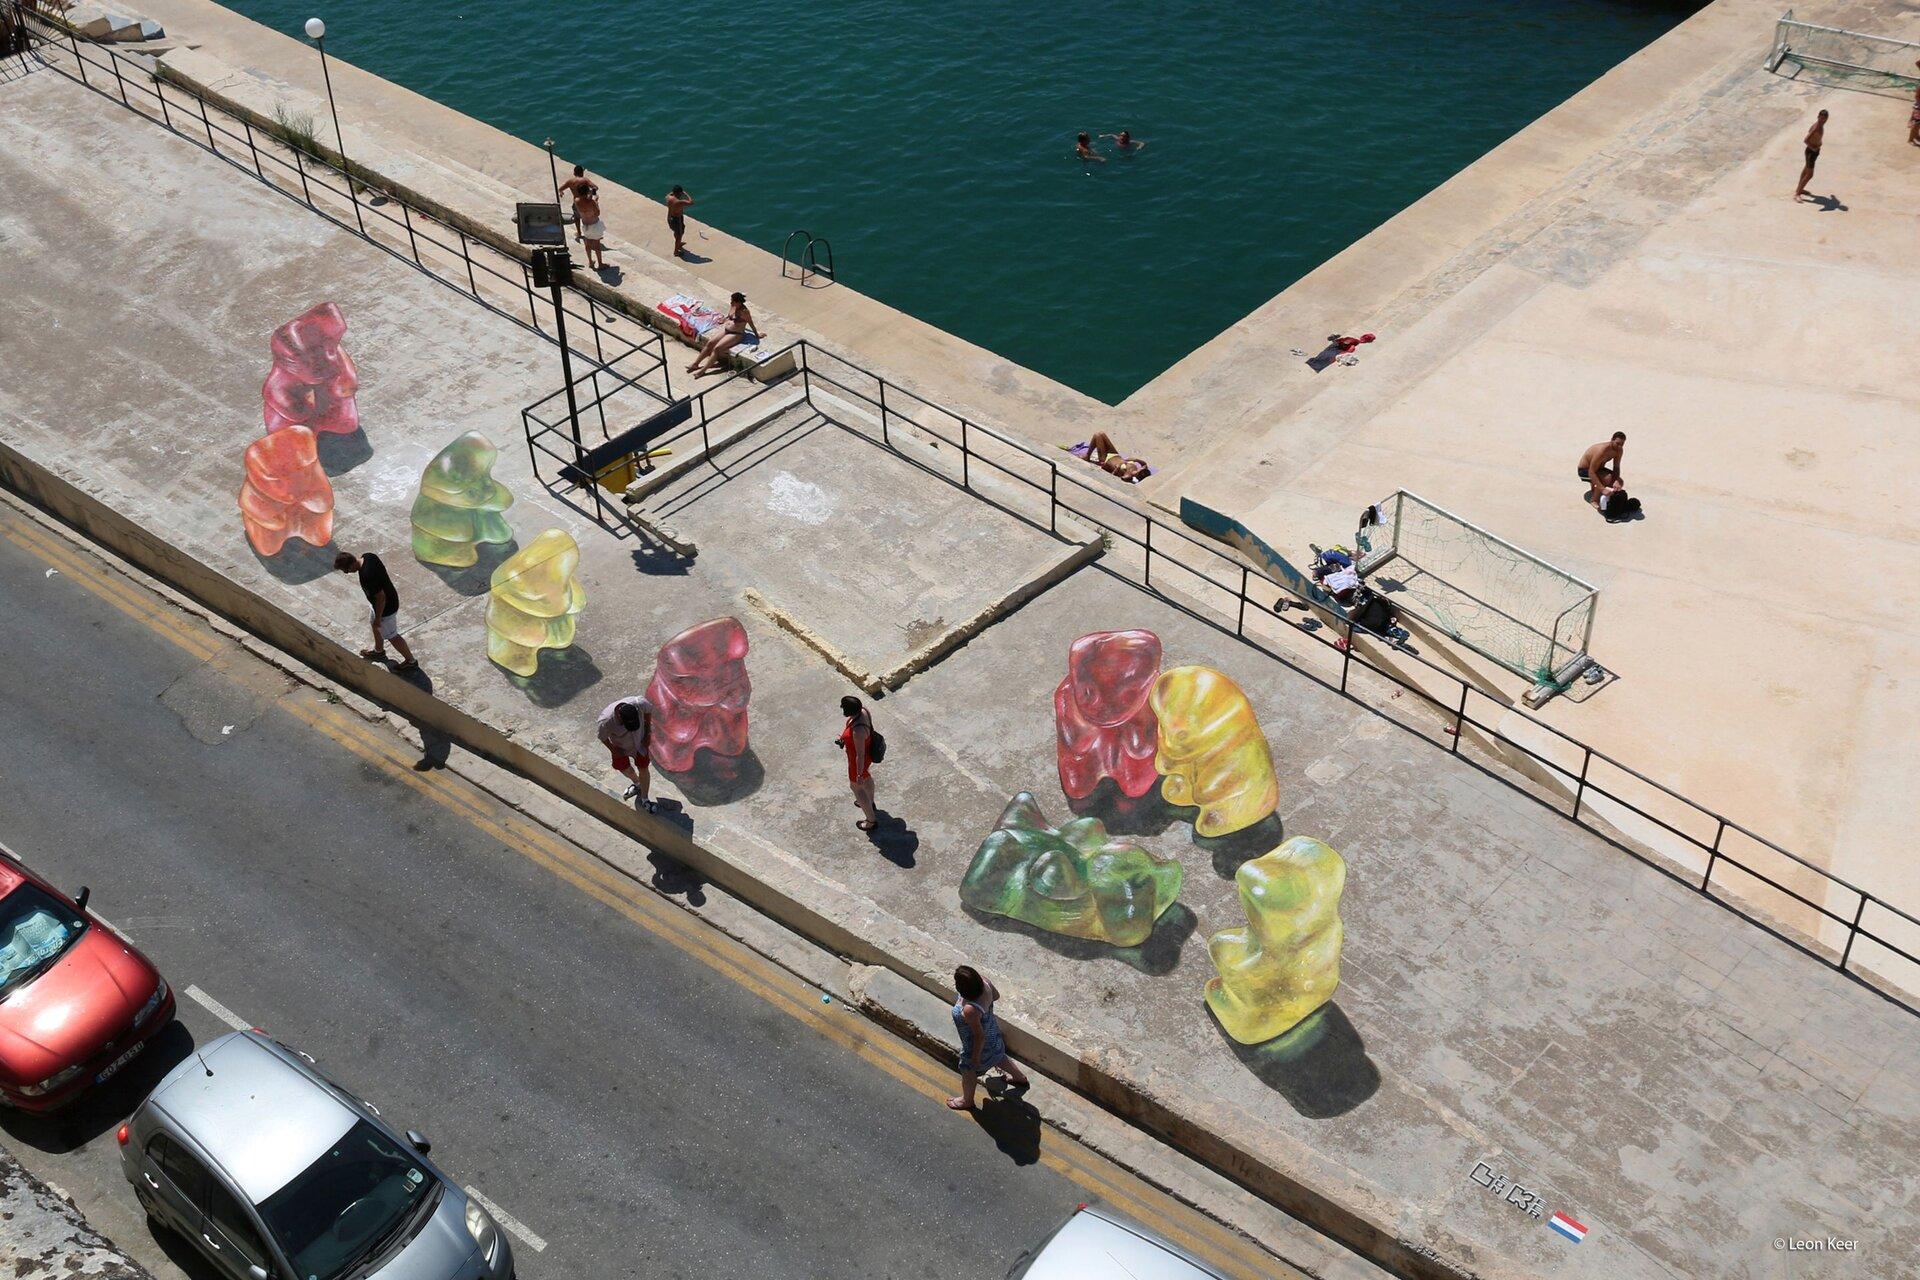 Zdjęcie przedstawia graffiti 3d, ukazujące wielkoformatowe kolorowe misie-żelki.